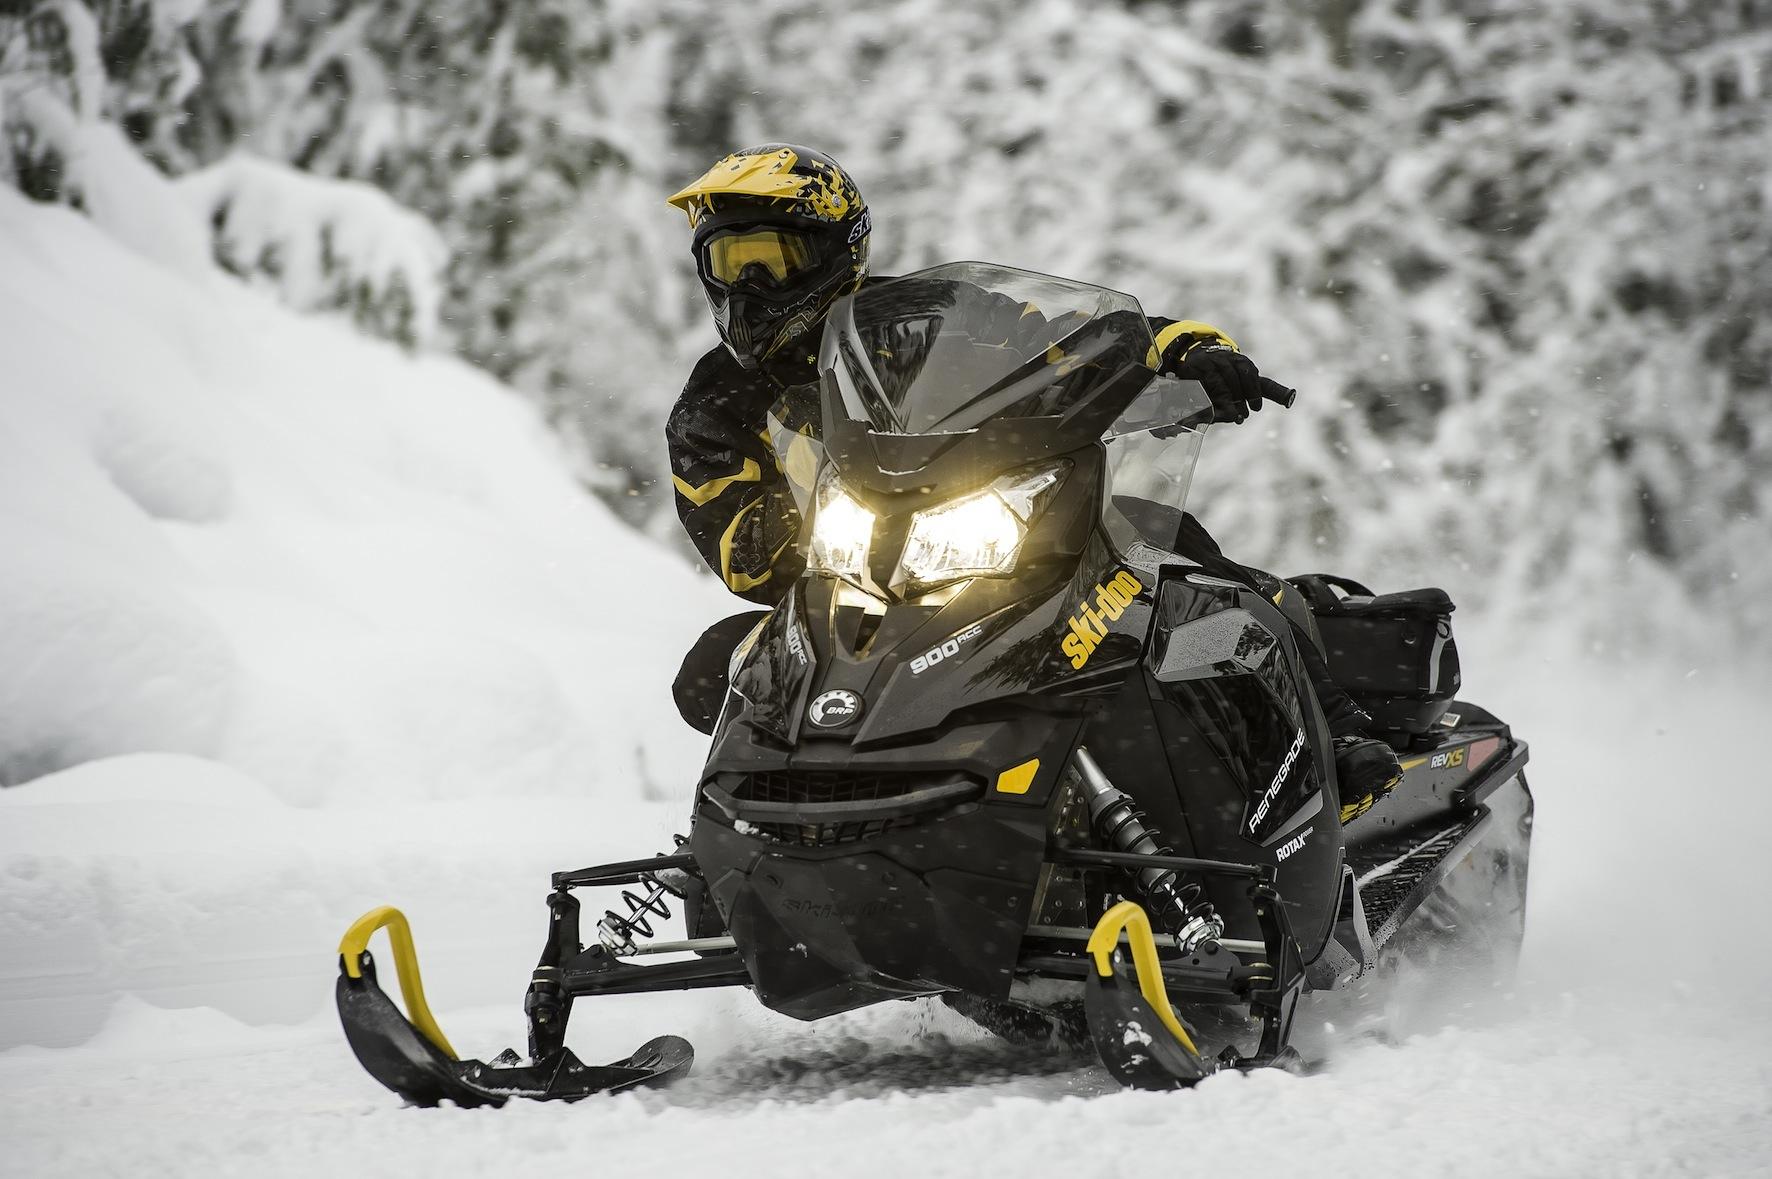 2014 Ski-Doo Renegade Adrenalin 900 ACE